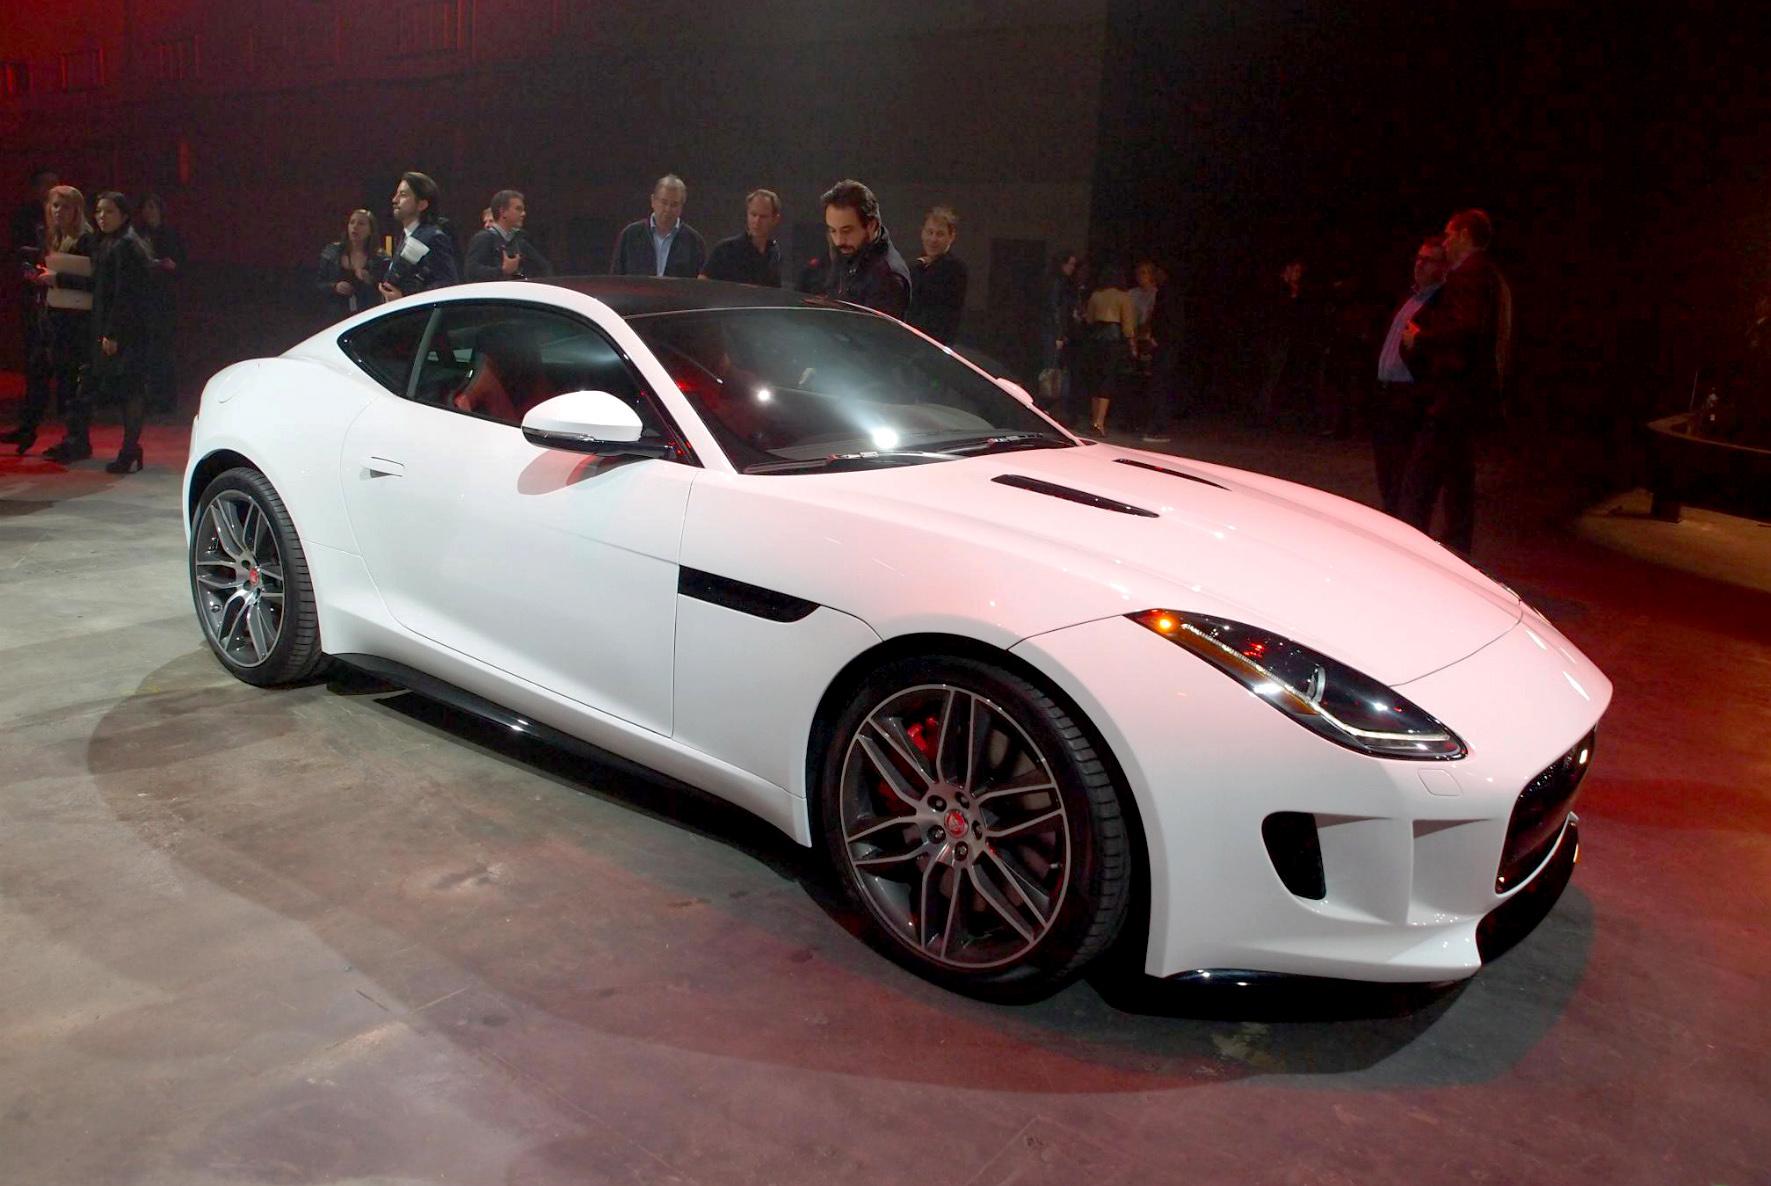 LA Auto Show 2014: Jaguar F-Type 2016 comes with key modifications